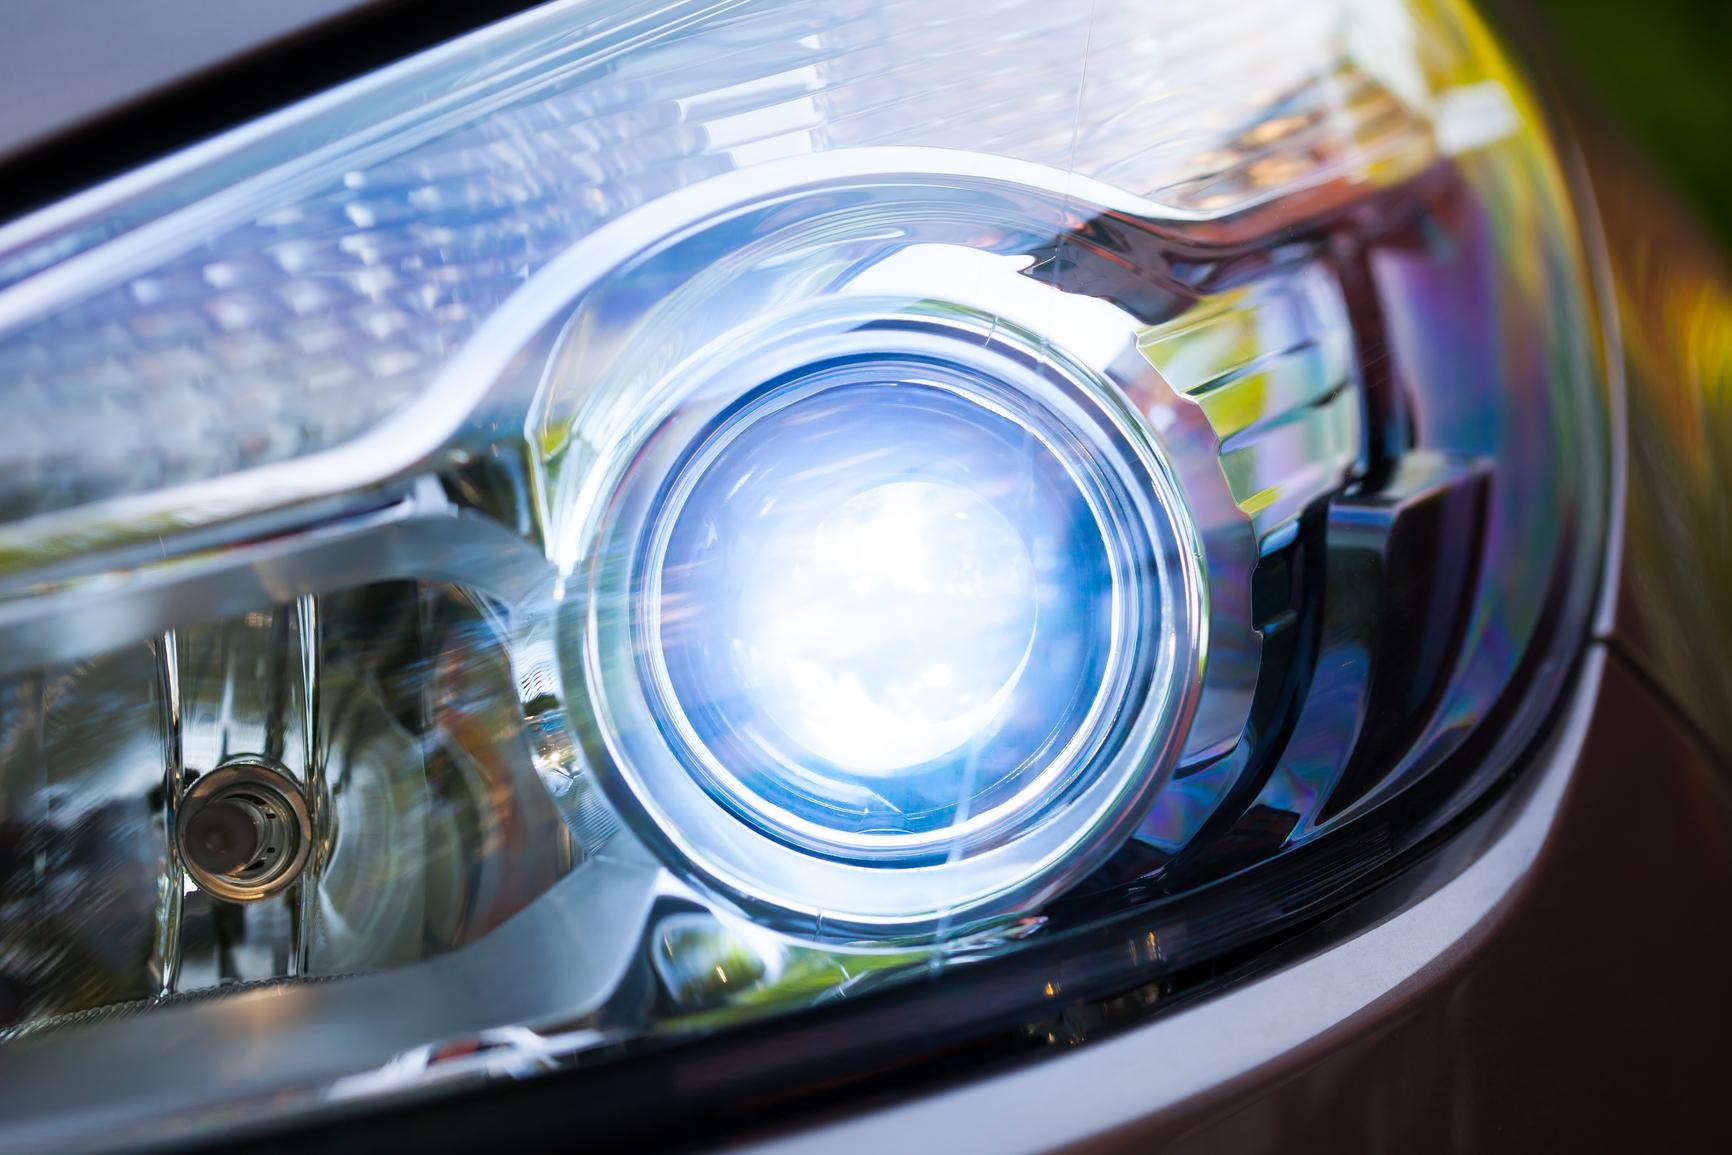 Fari auto quali sono obbligatori quando e sanzioni - Art 79 codice della strada pneumatici diversi ...